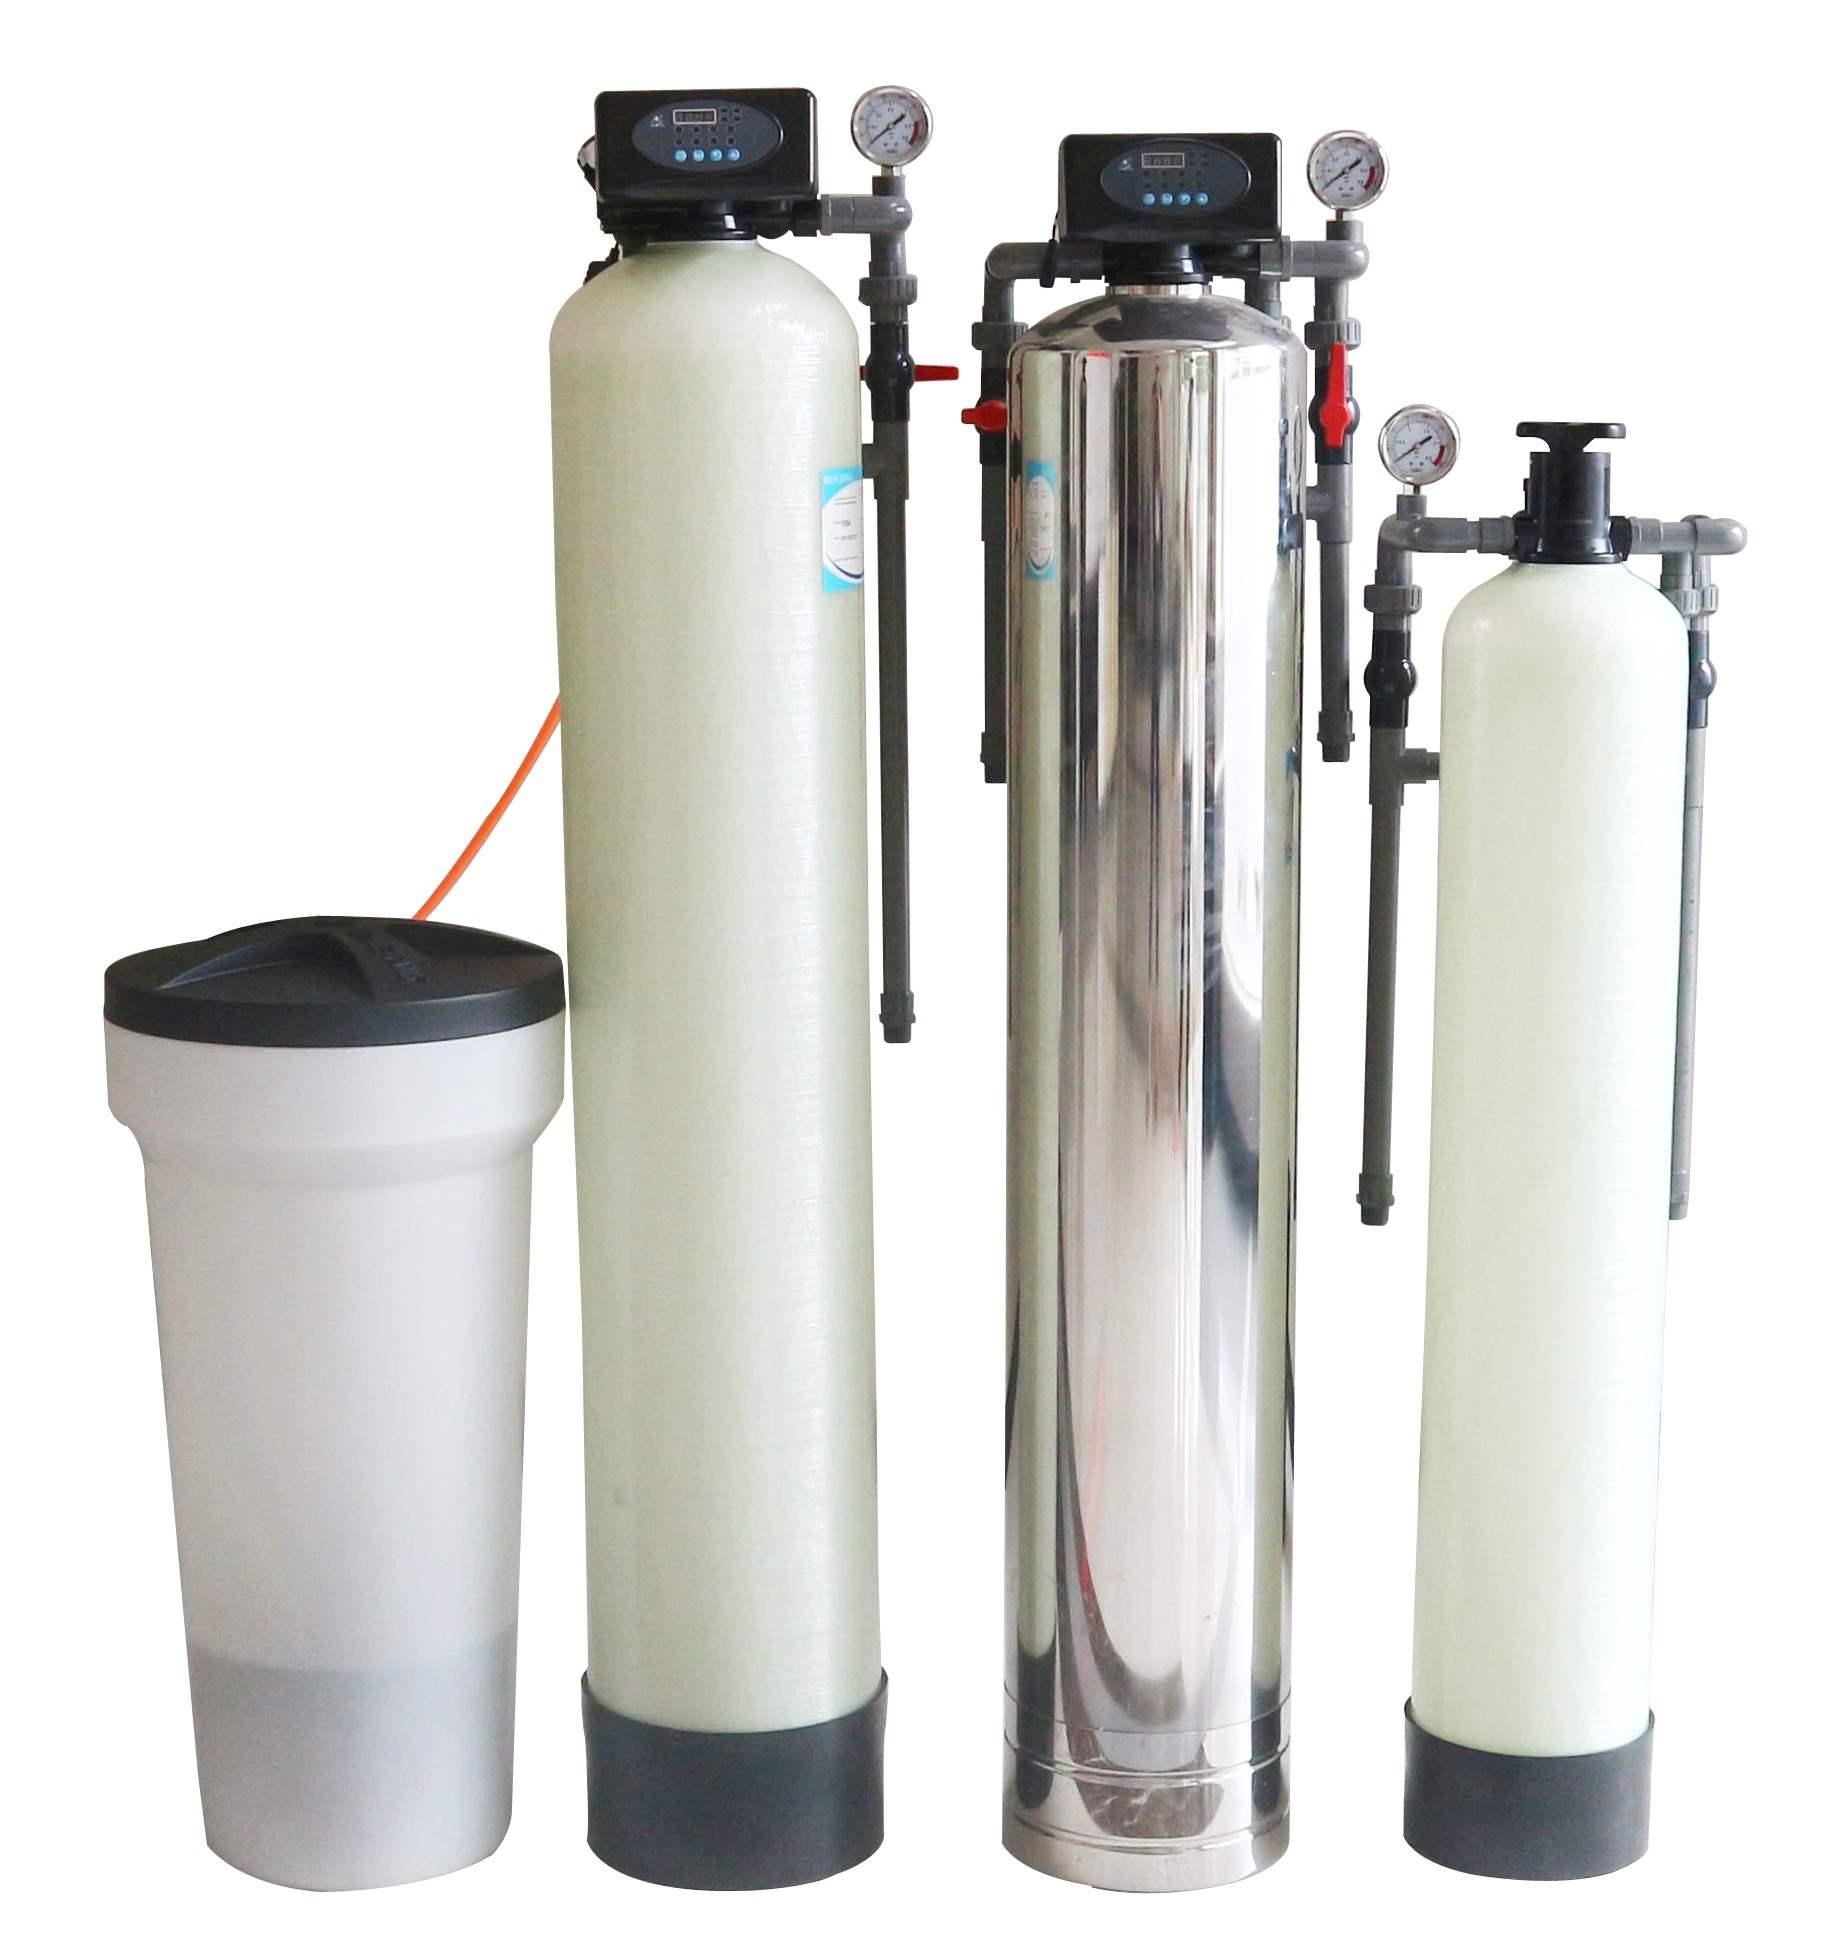 部品下セットの設備は自動的に手動で軟水上に散布します。水器セットの上に水器の下に水を配置します。